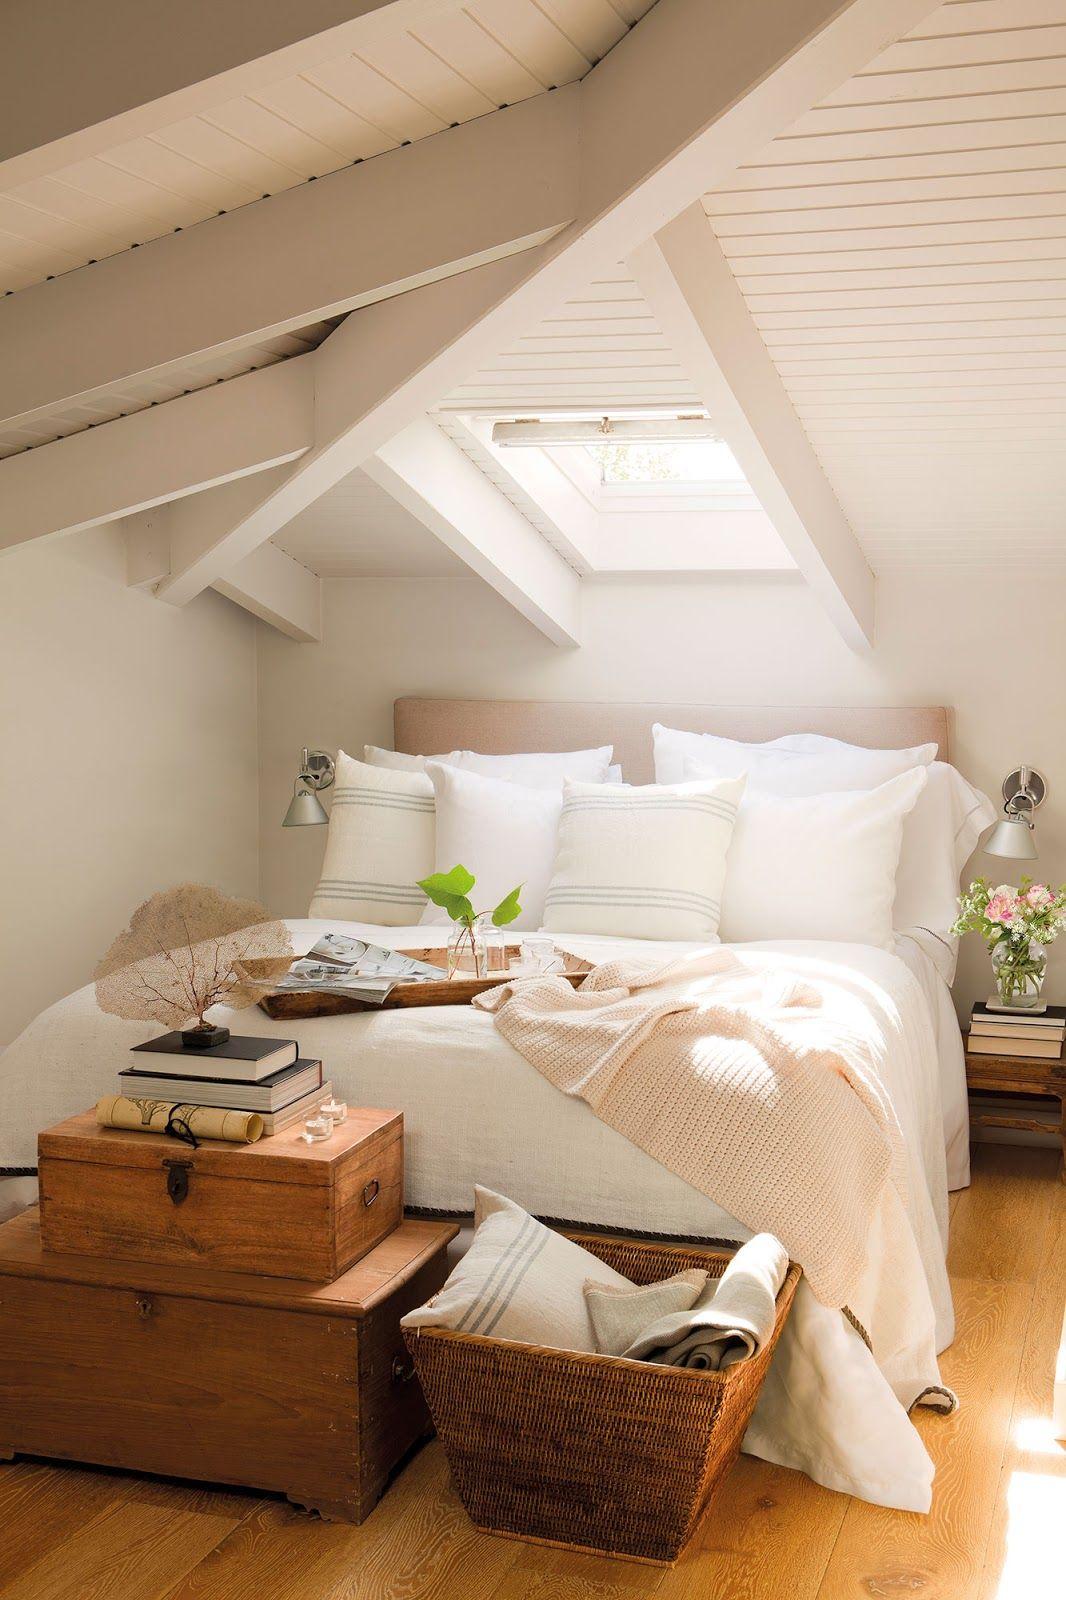 Small attic loft bedroom ideas  Aplicando o conceito